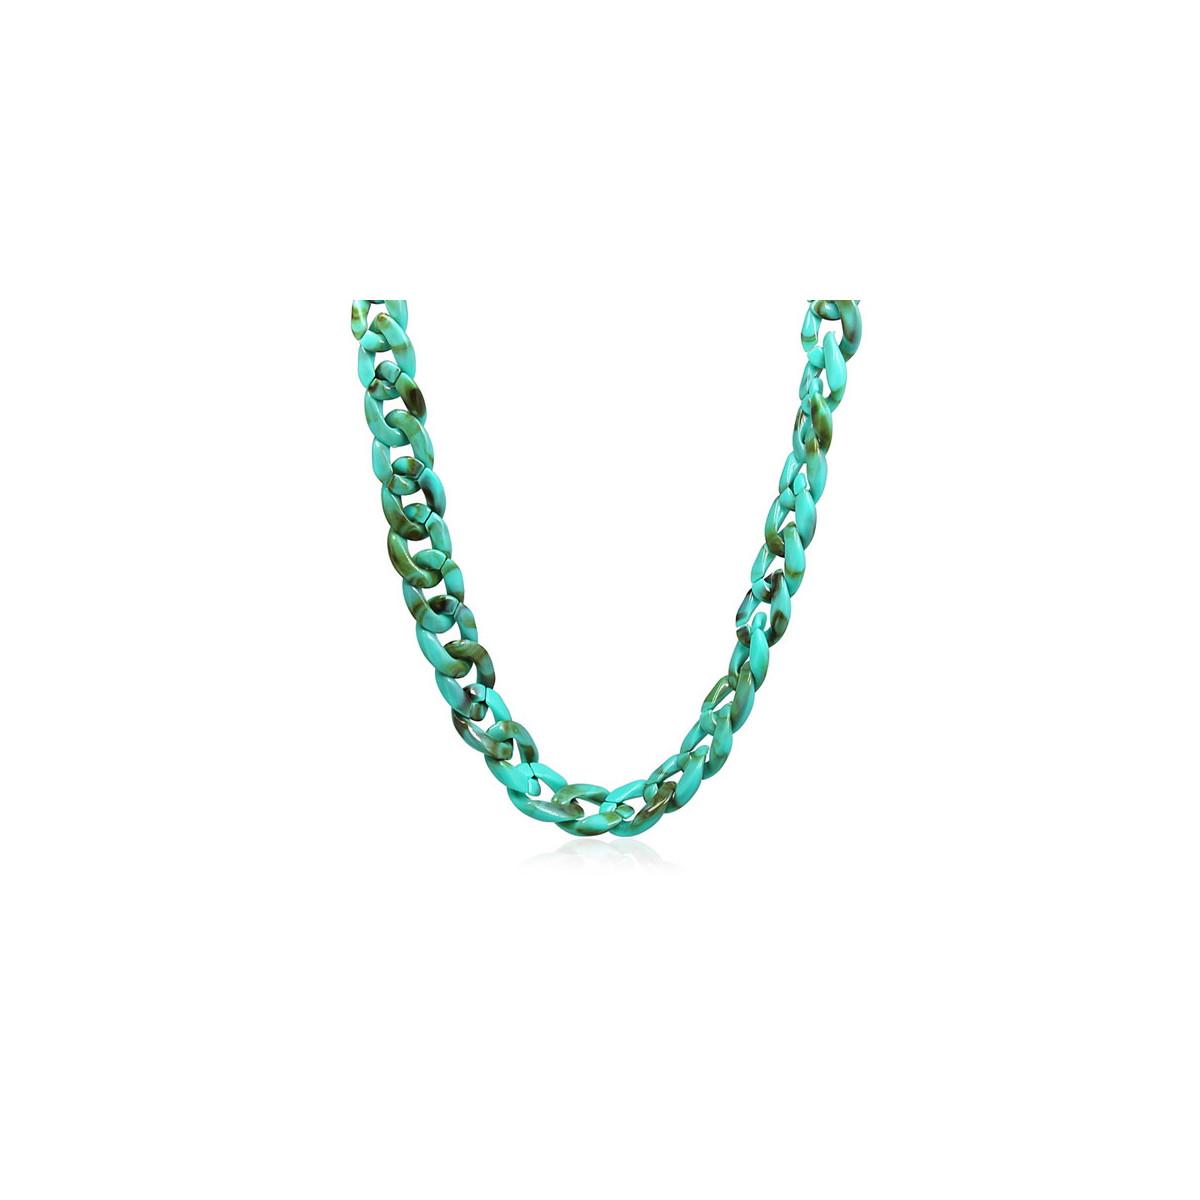 Collar Anartxy Resina Azul BCO159AT